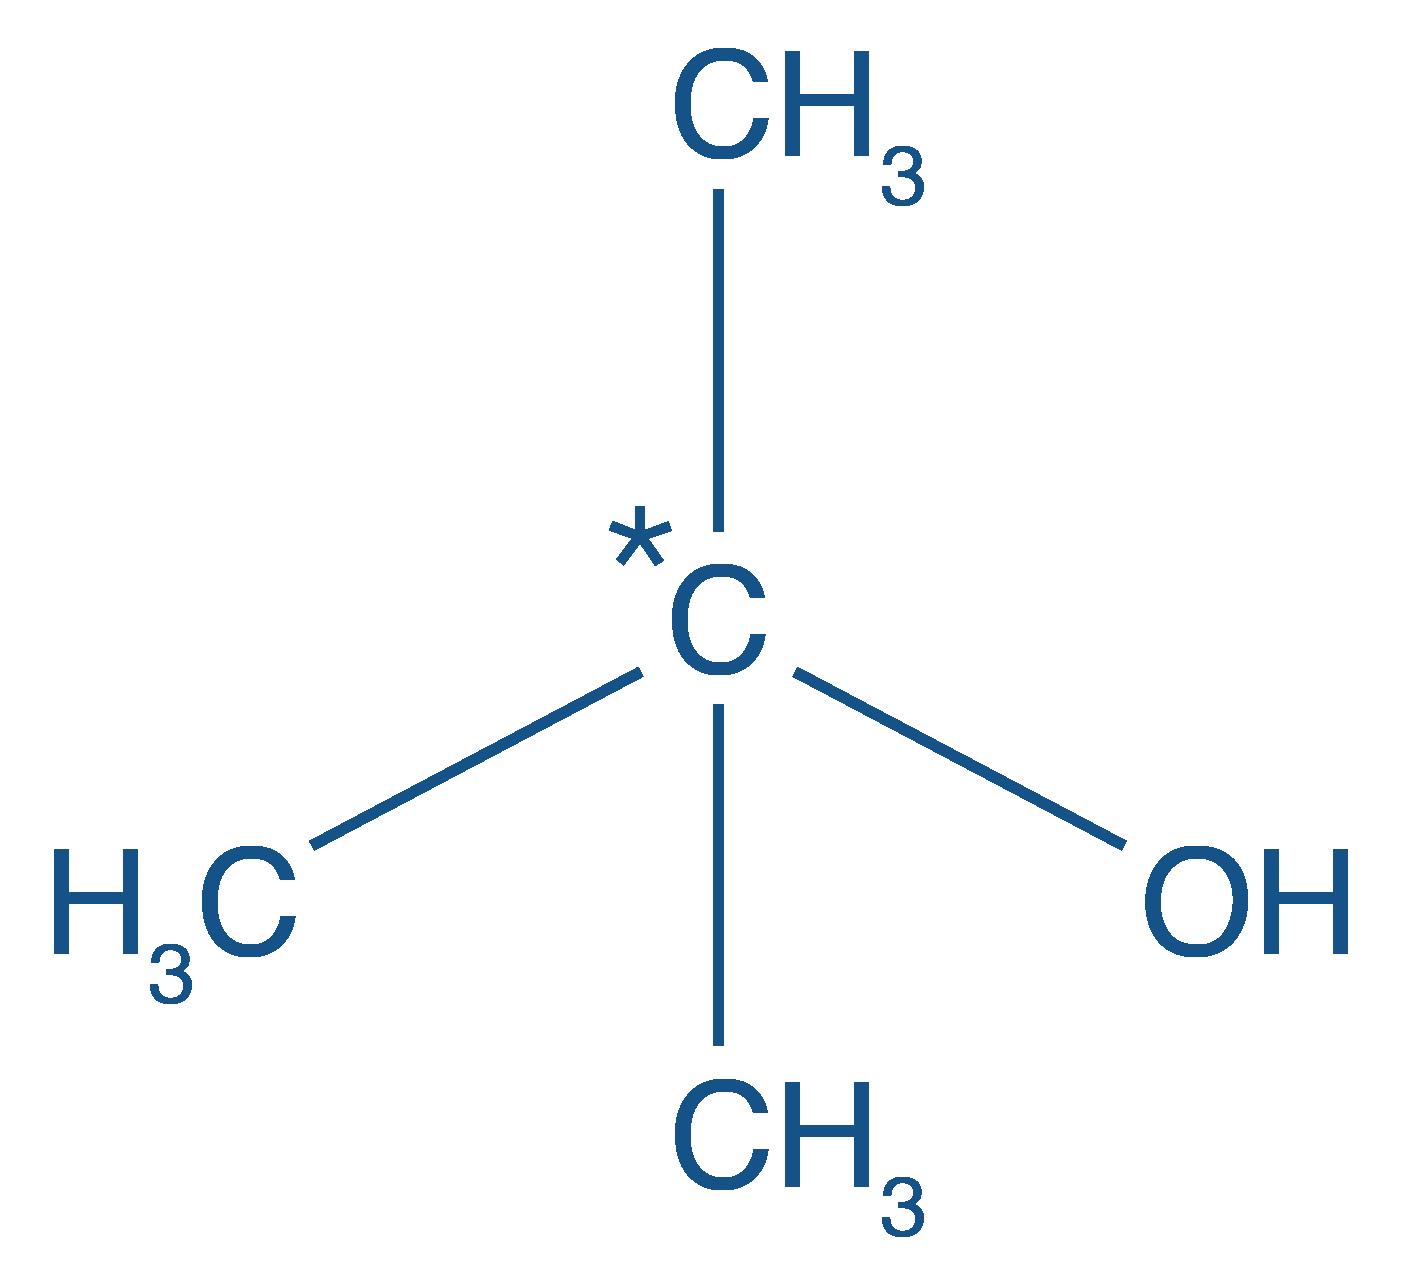 Formule développée du méthylpropan-2-ol